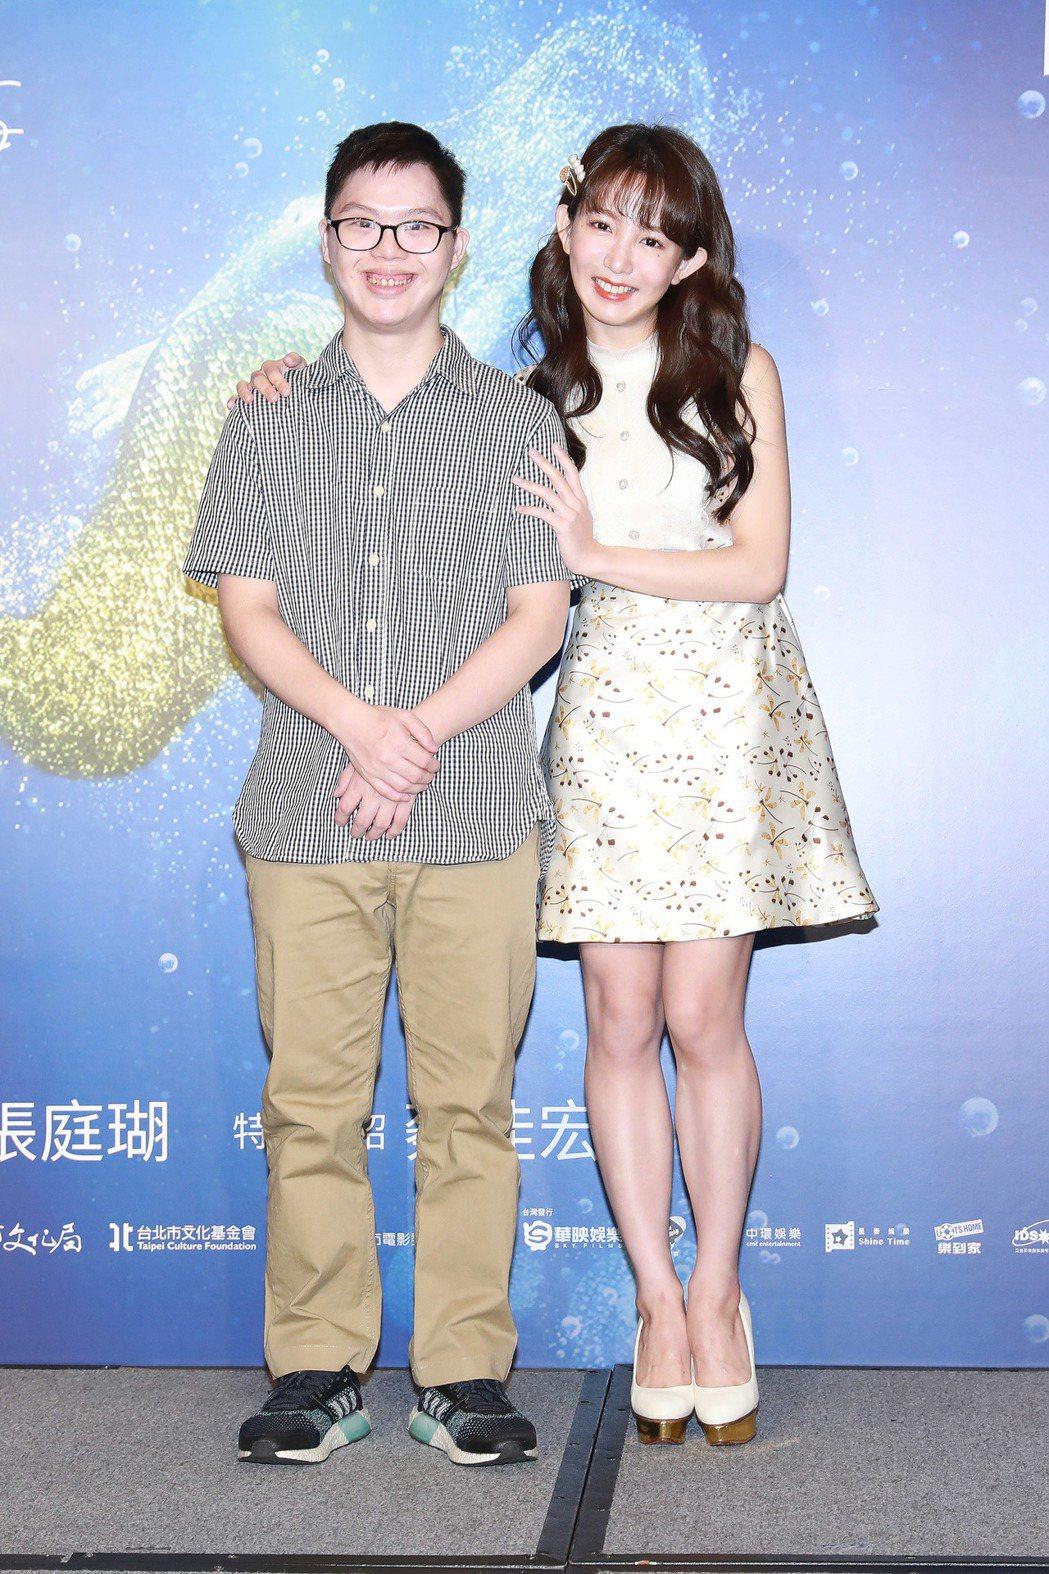 郭書瑤(右)與唐寶寶演員蔡佳宏(左)在「傻傻愛你,傻傻愛我」有相當精彩的合作。圖...